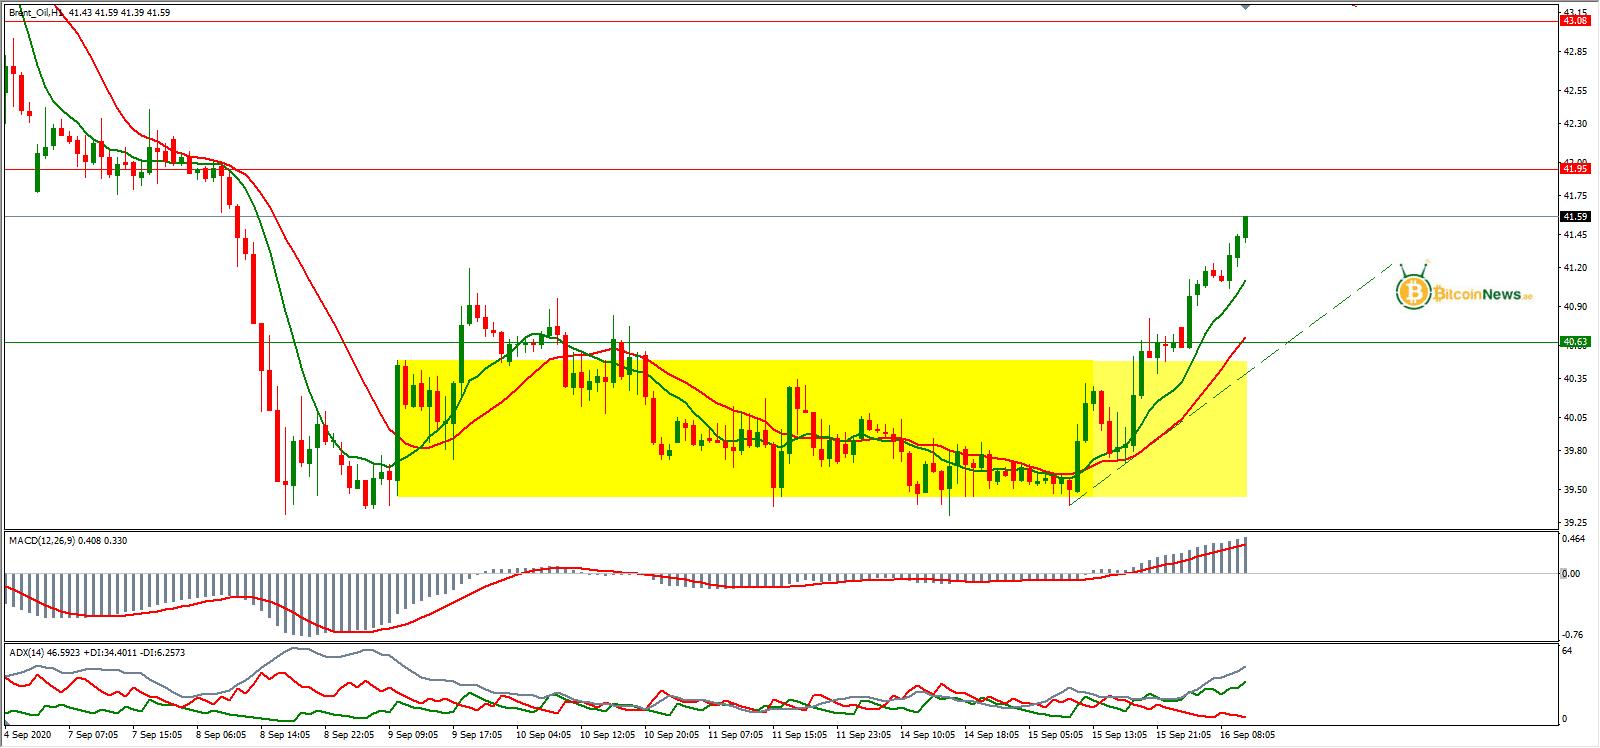 سعر النفط الخام برنت اليوم تحليل 16 سبتمبر | تحليل النفط ...